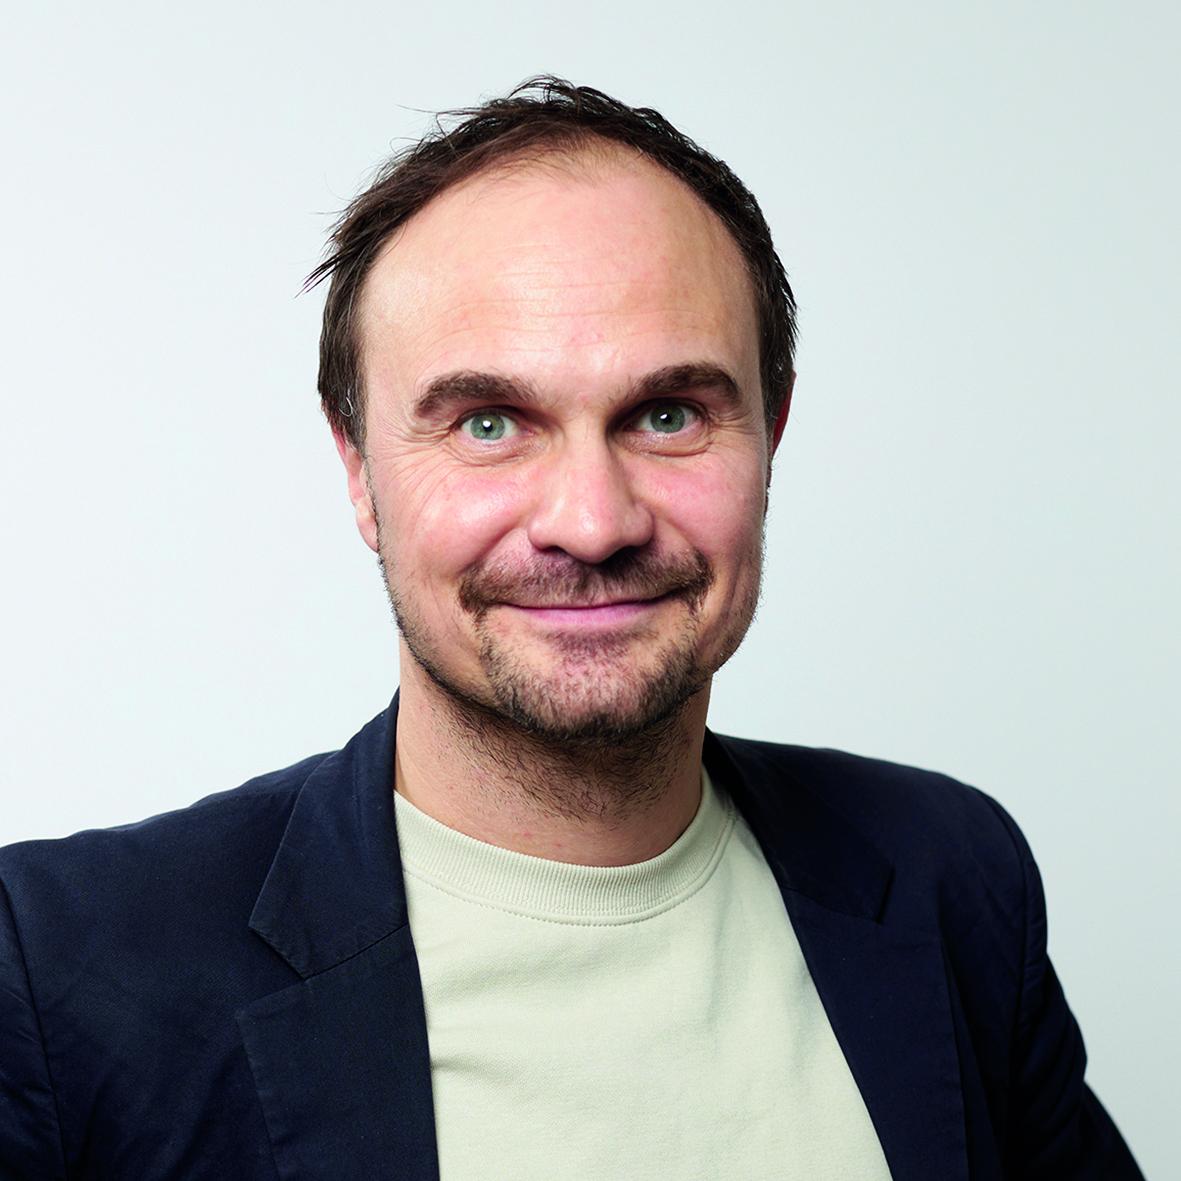 Matthias Treutwein